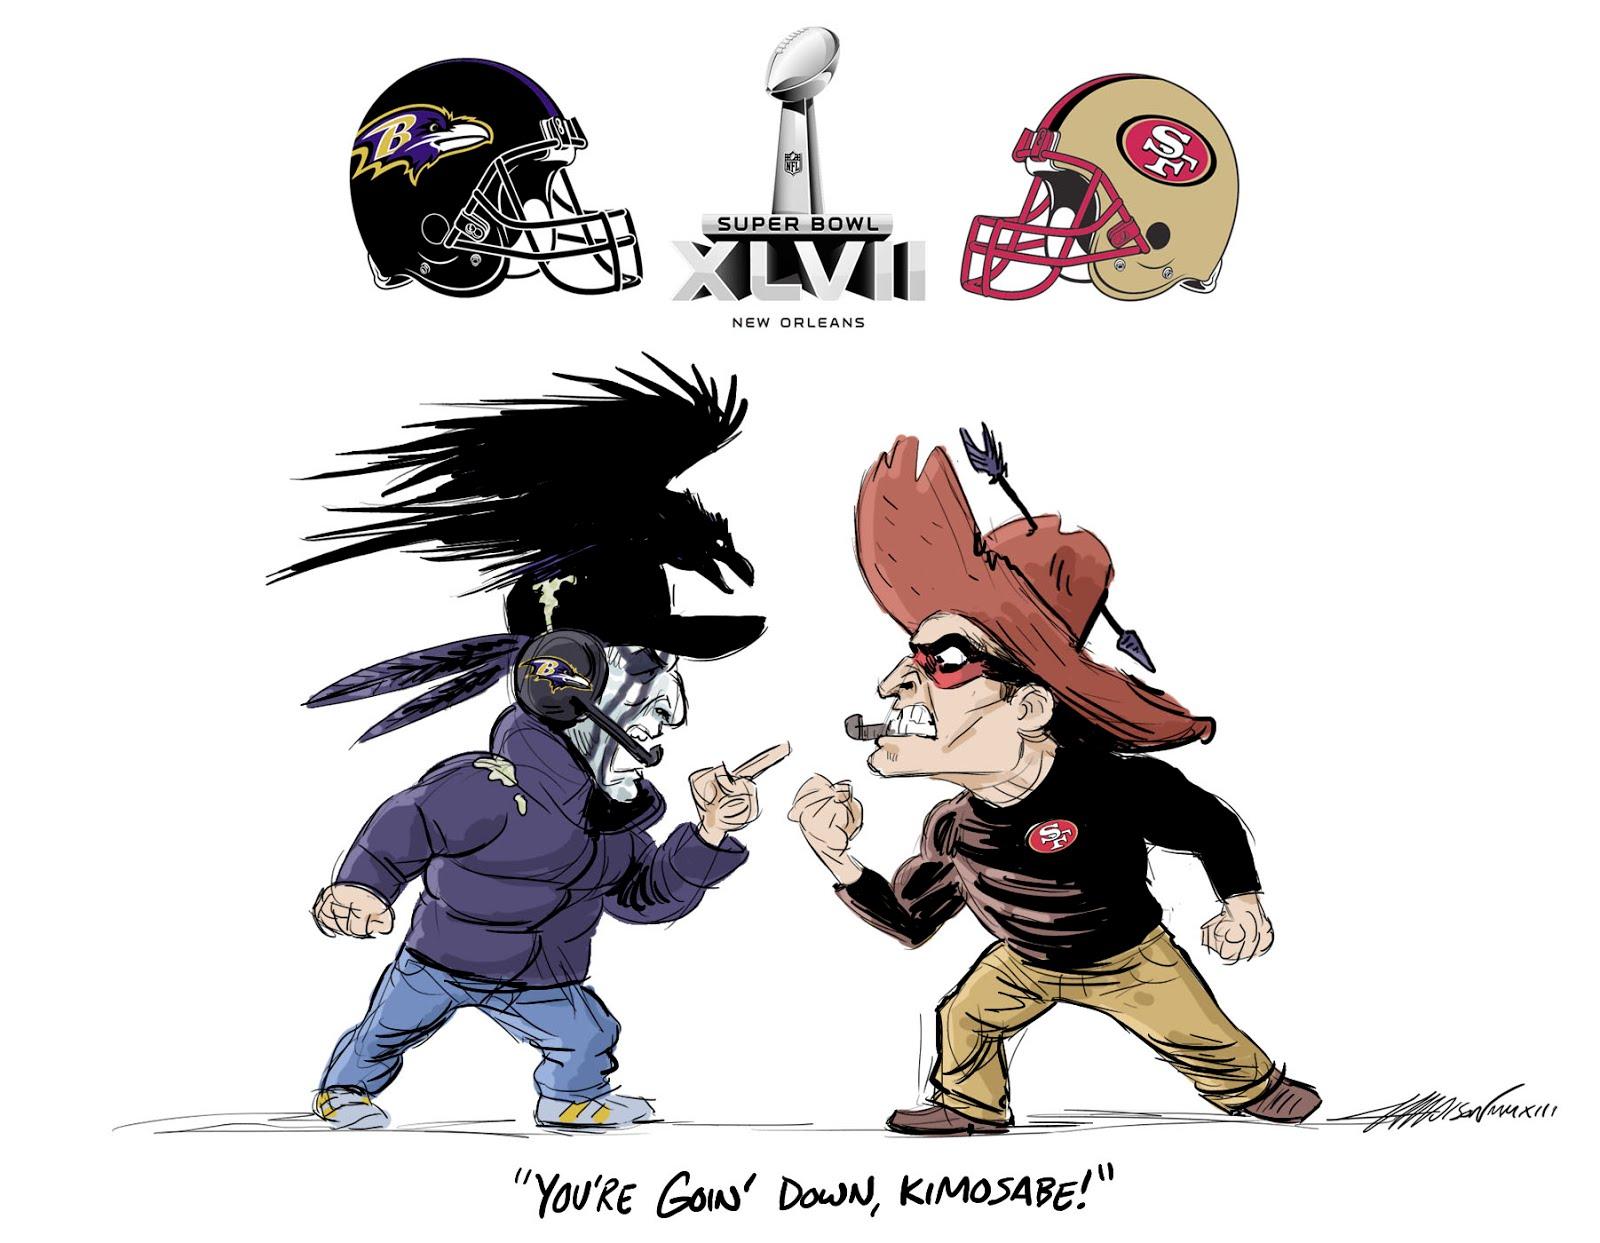 [NFL] Le rivalità NFL a fumetti